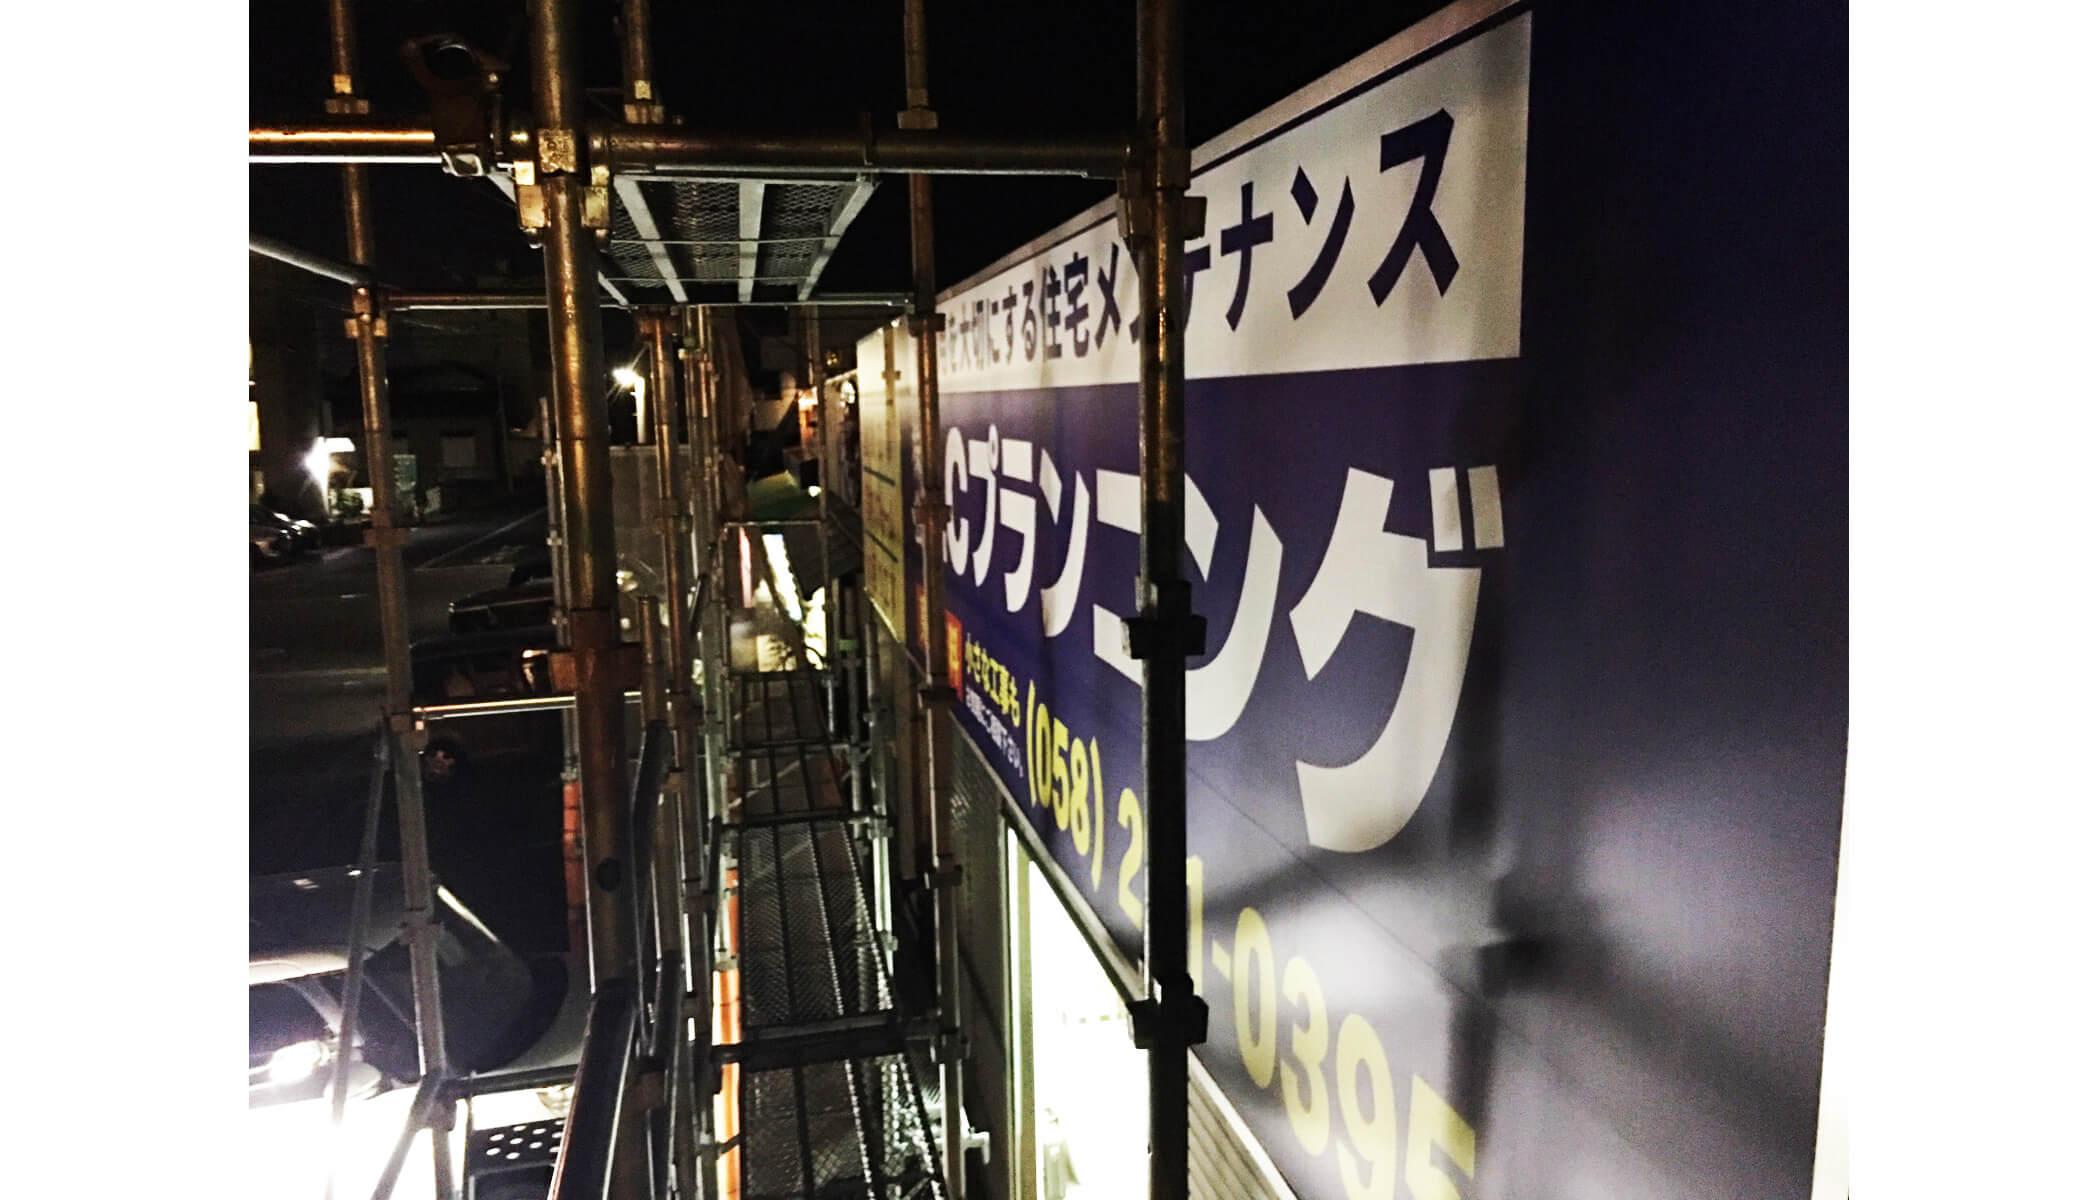 LCプランニング2 - 【岐阜県岐阜市】リフォーム会社様の看板施工を担当させていただきました。